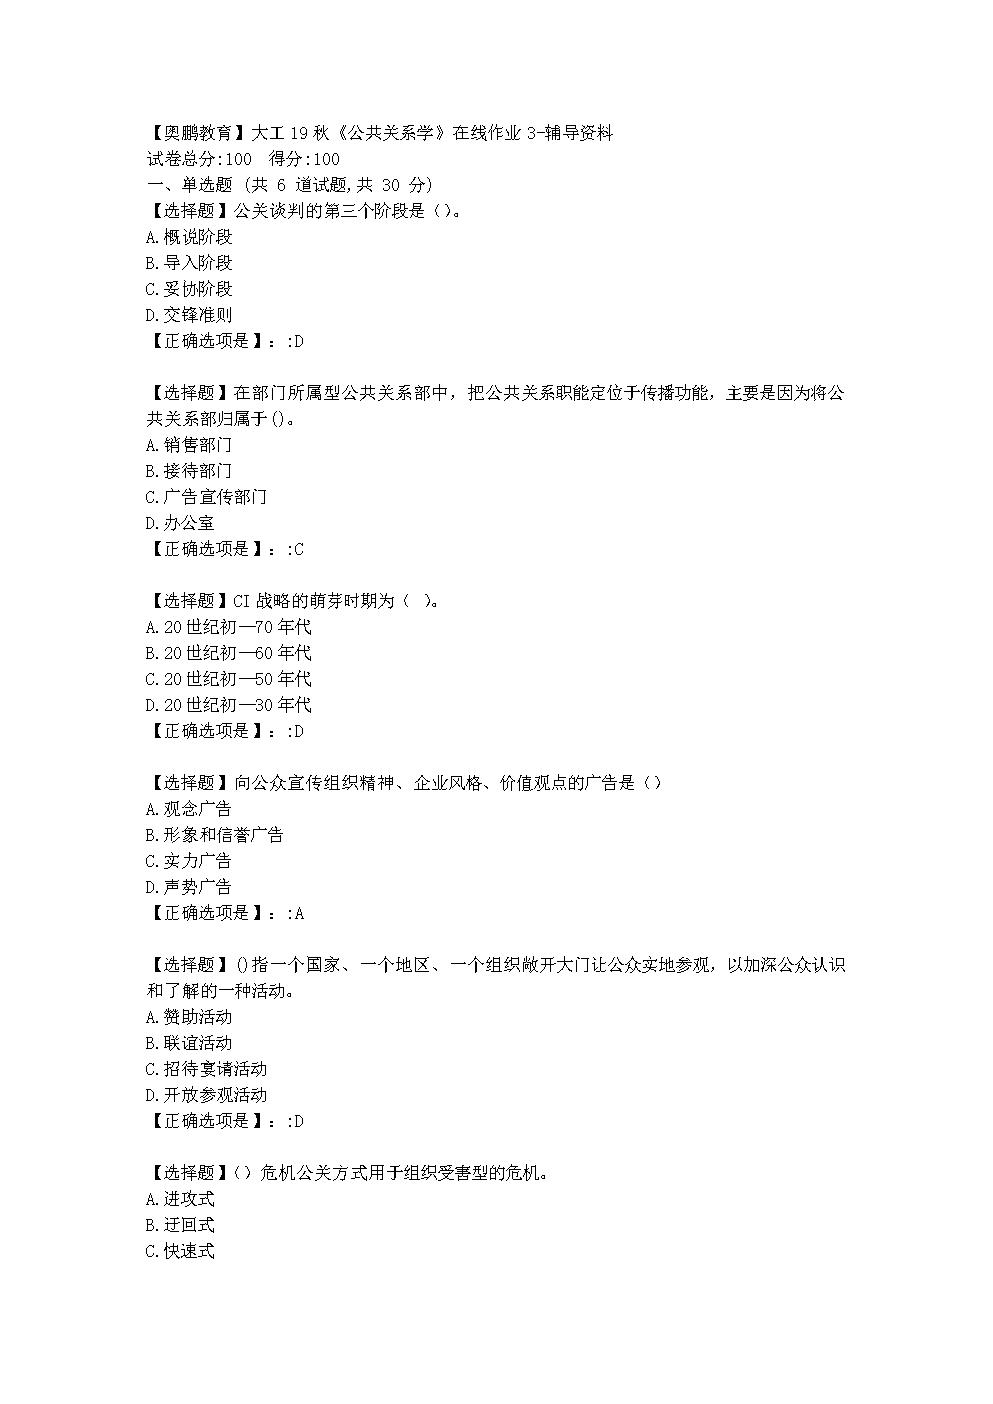 大连理工大学19秋《公共关系学》在线作业3学习资料.doc